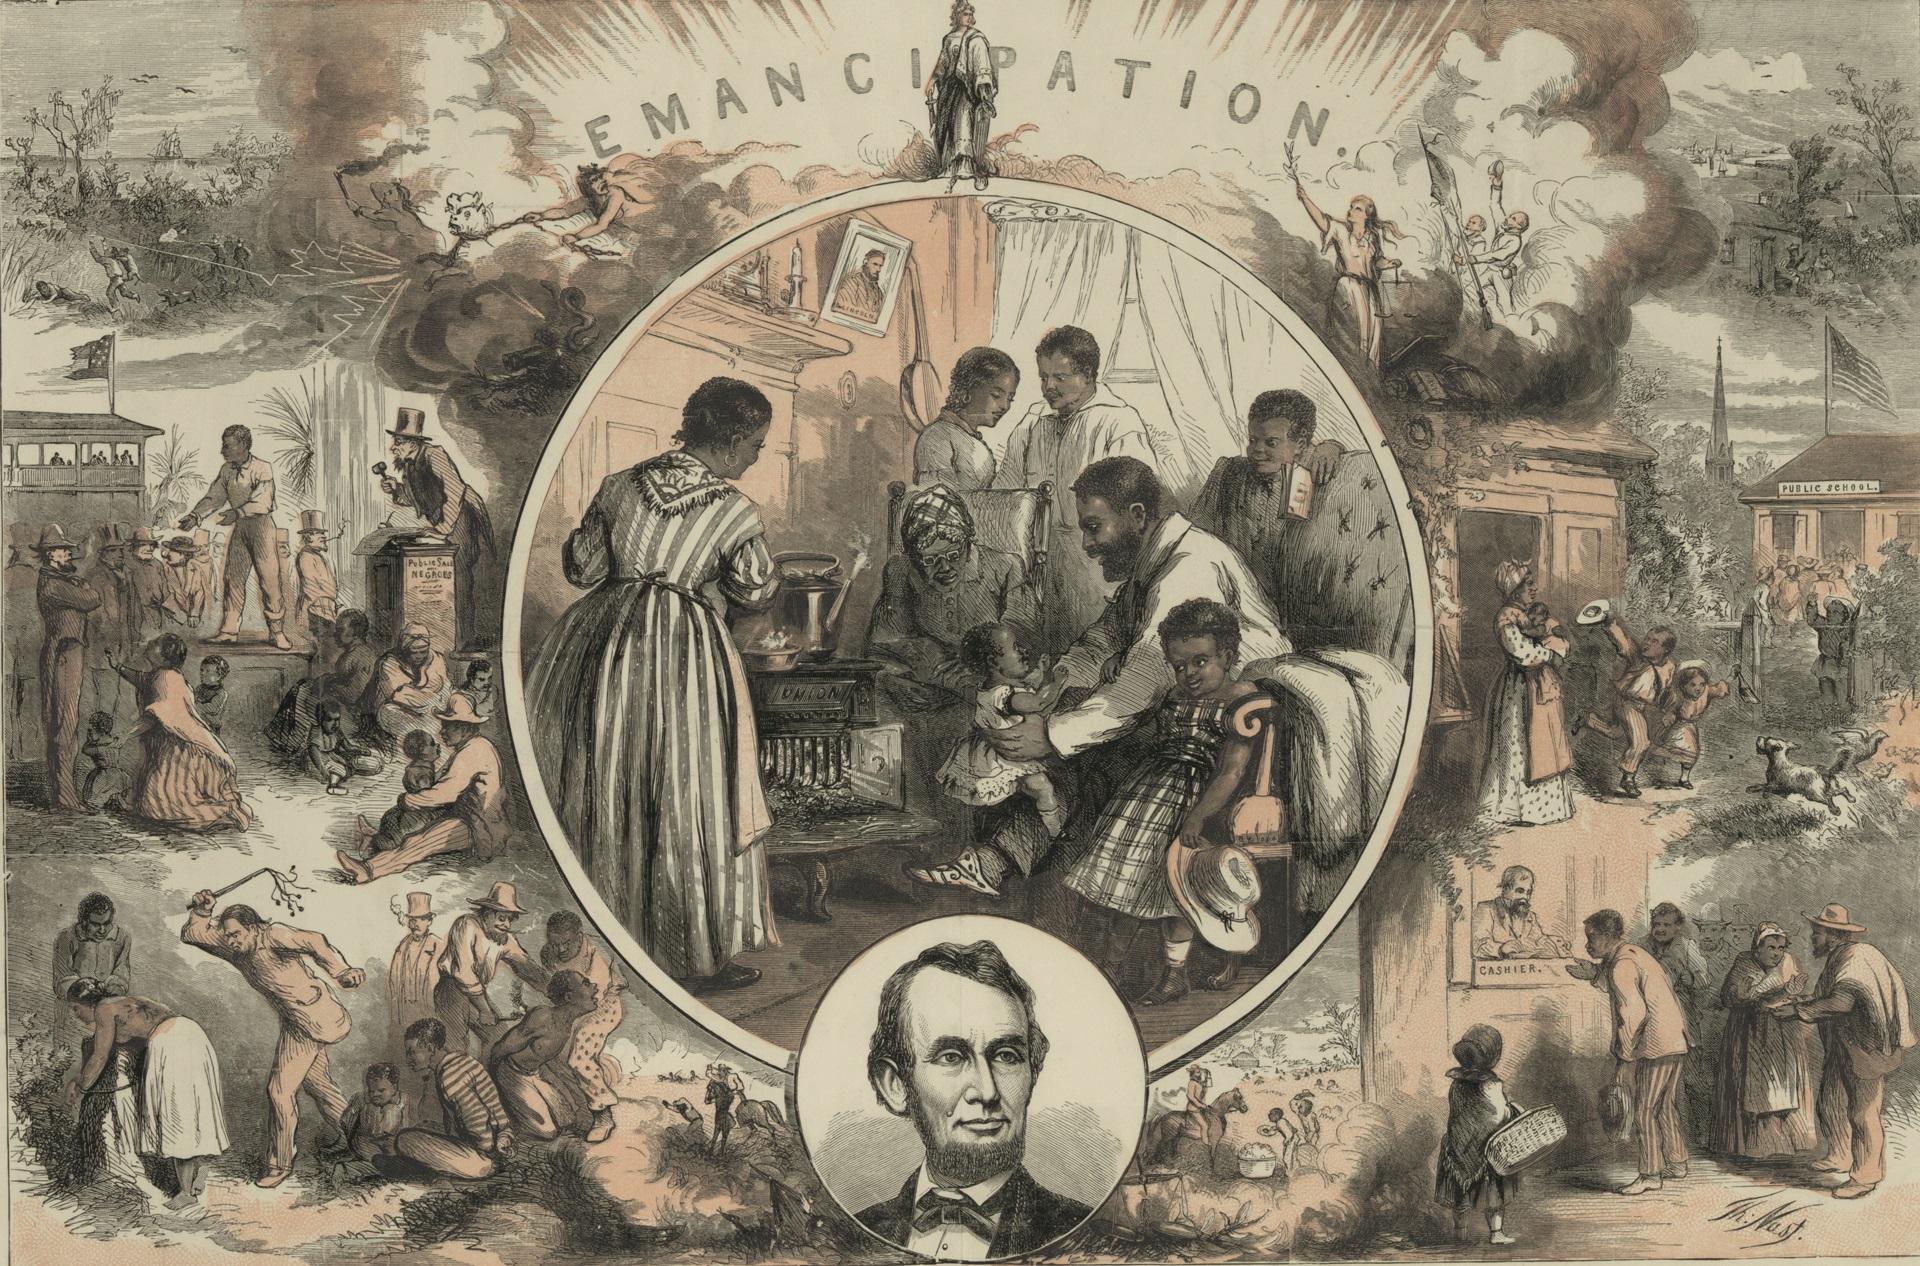 Emancipat